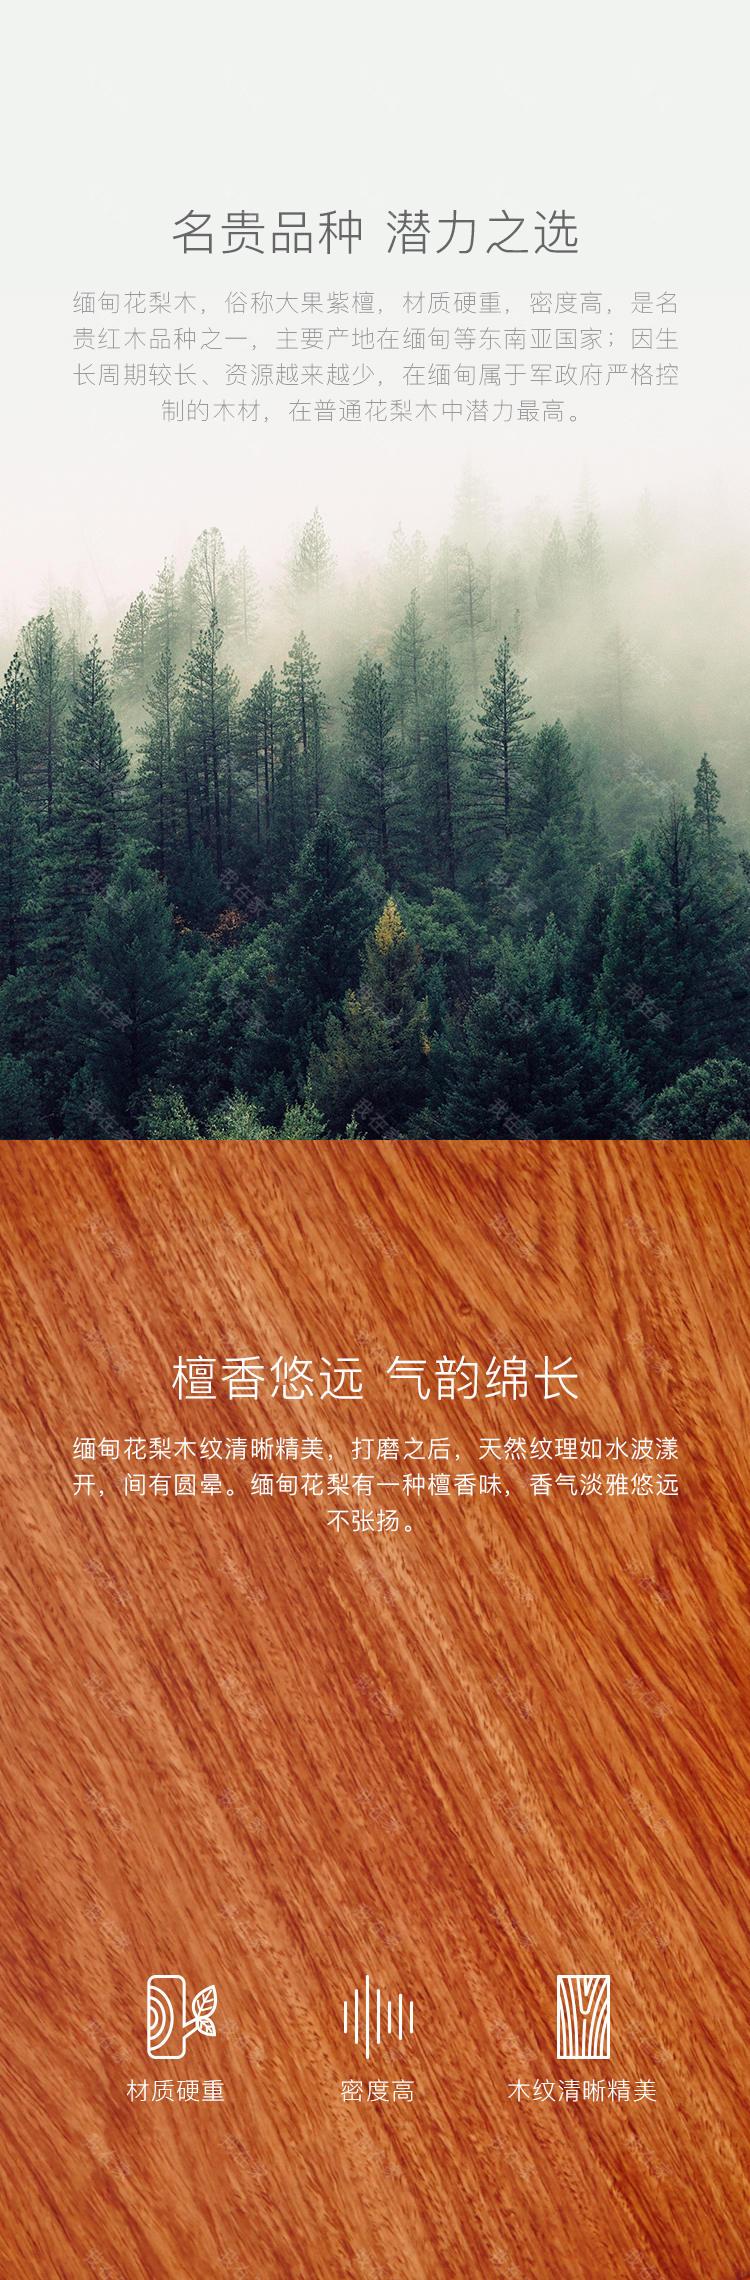 新中式风格霸王撑天地方桌的家具详细介绍